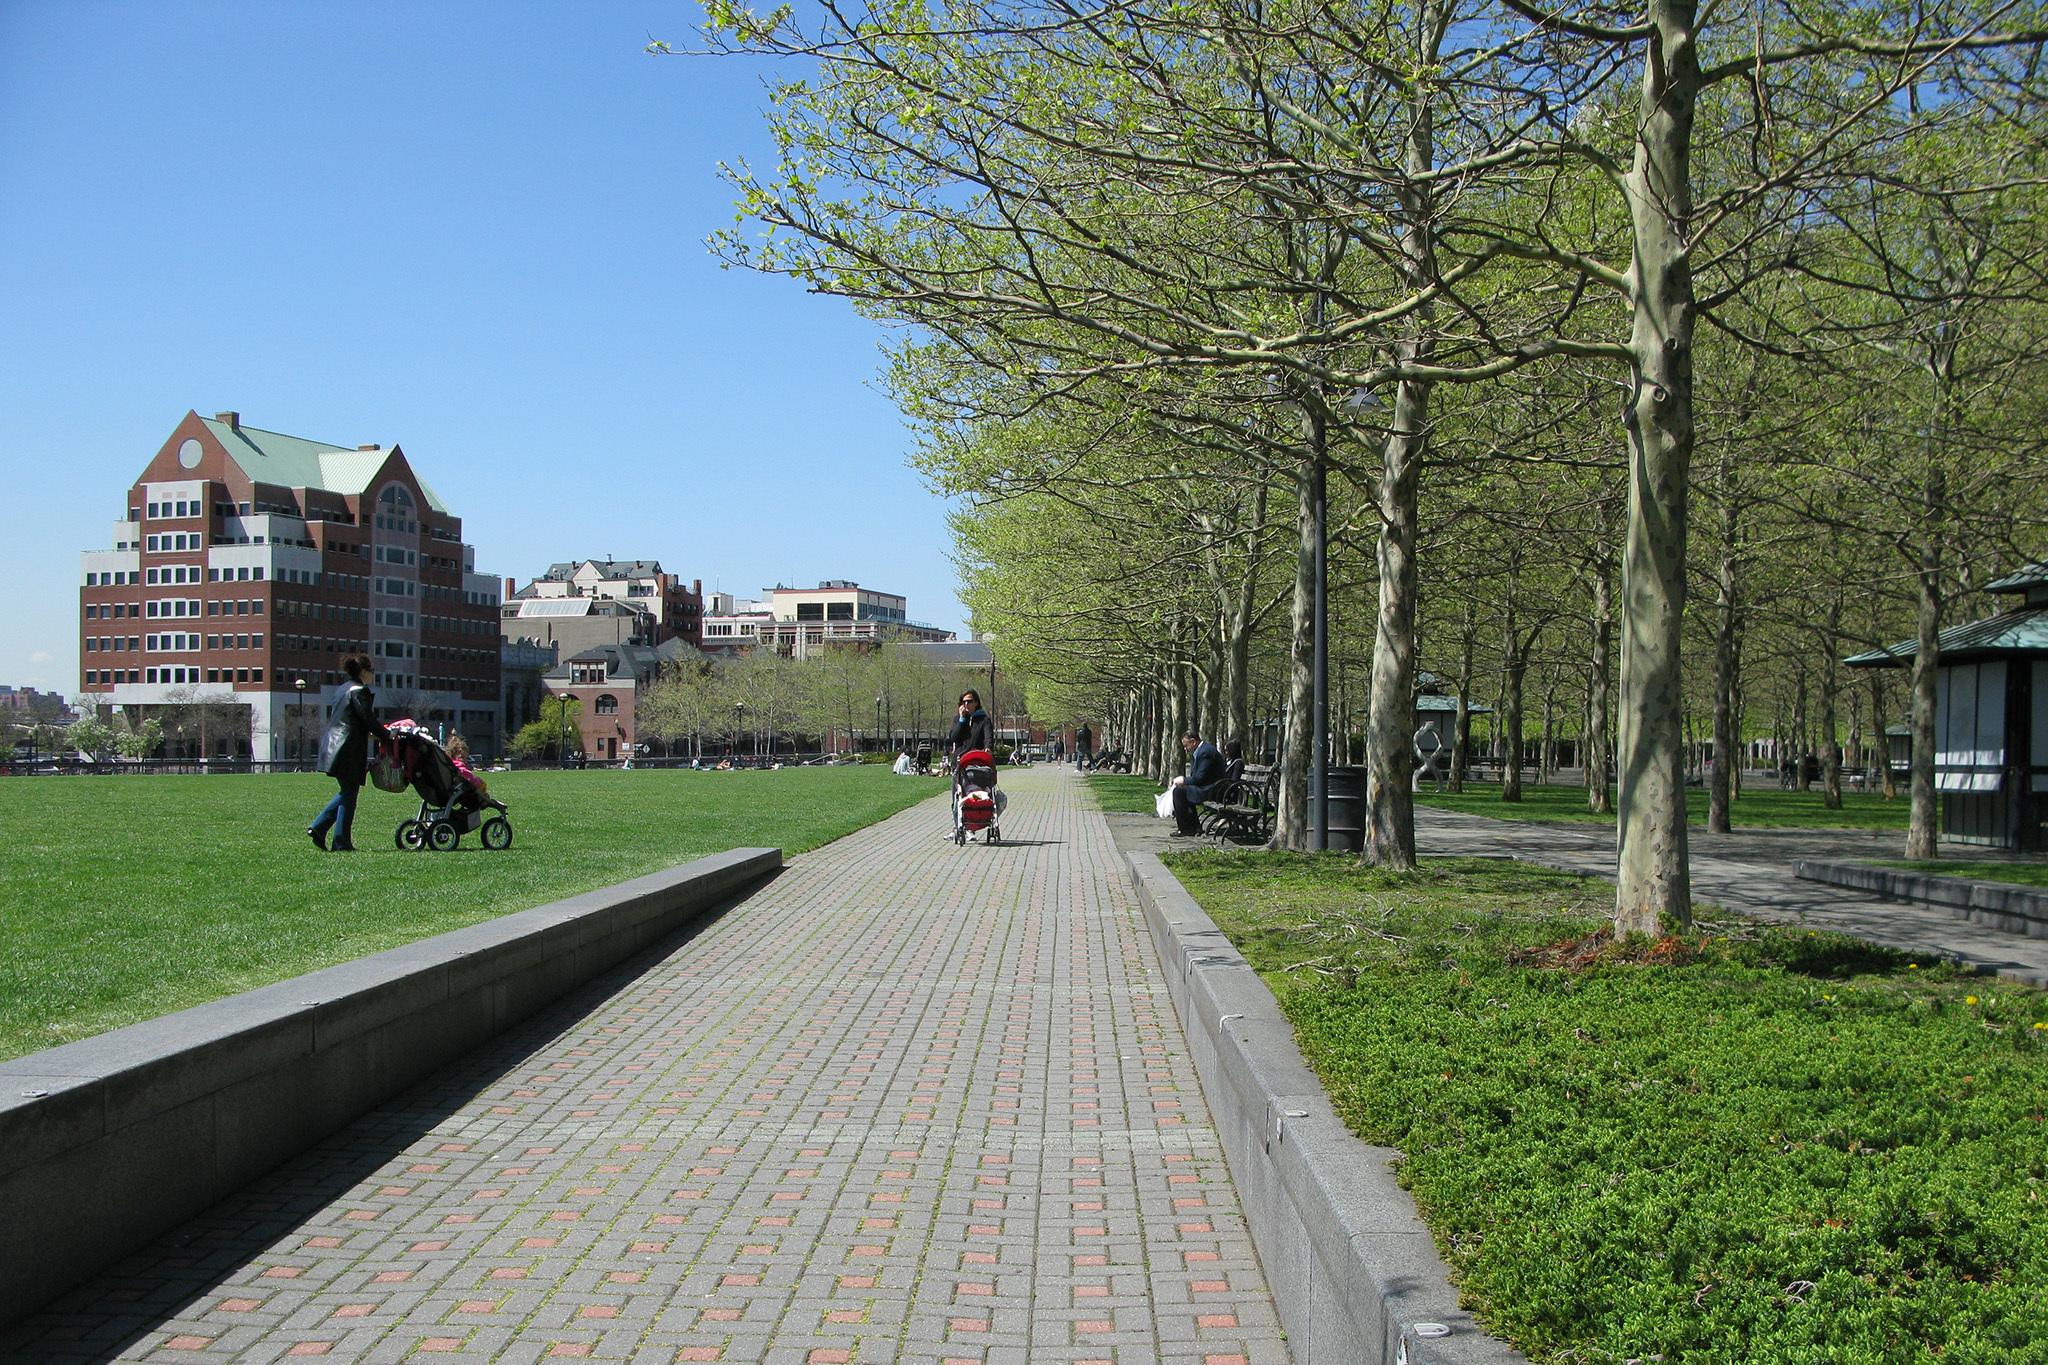 Pier A Park in Hoboken, NJ